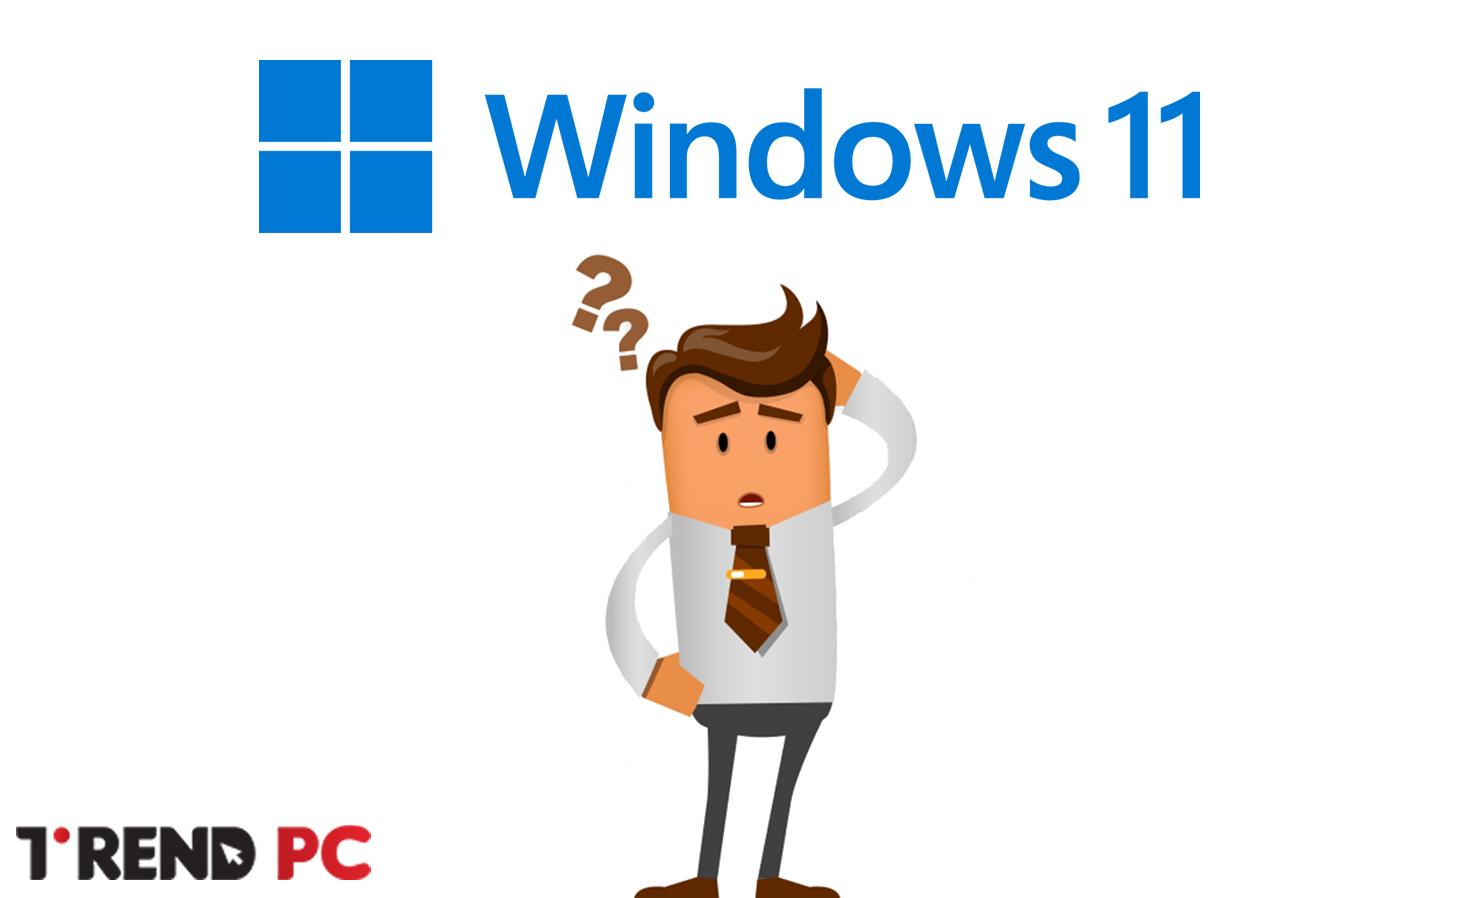 هل تحتاج إلى الترقية إلى Windows 11؟